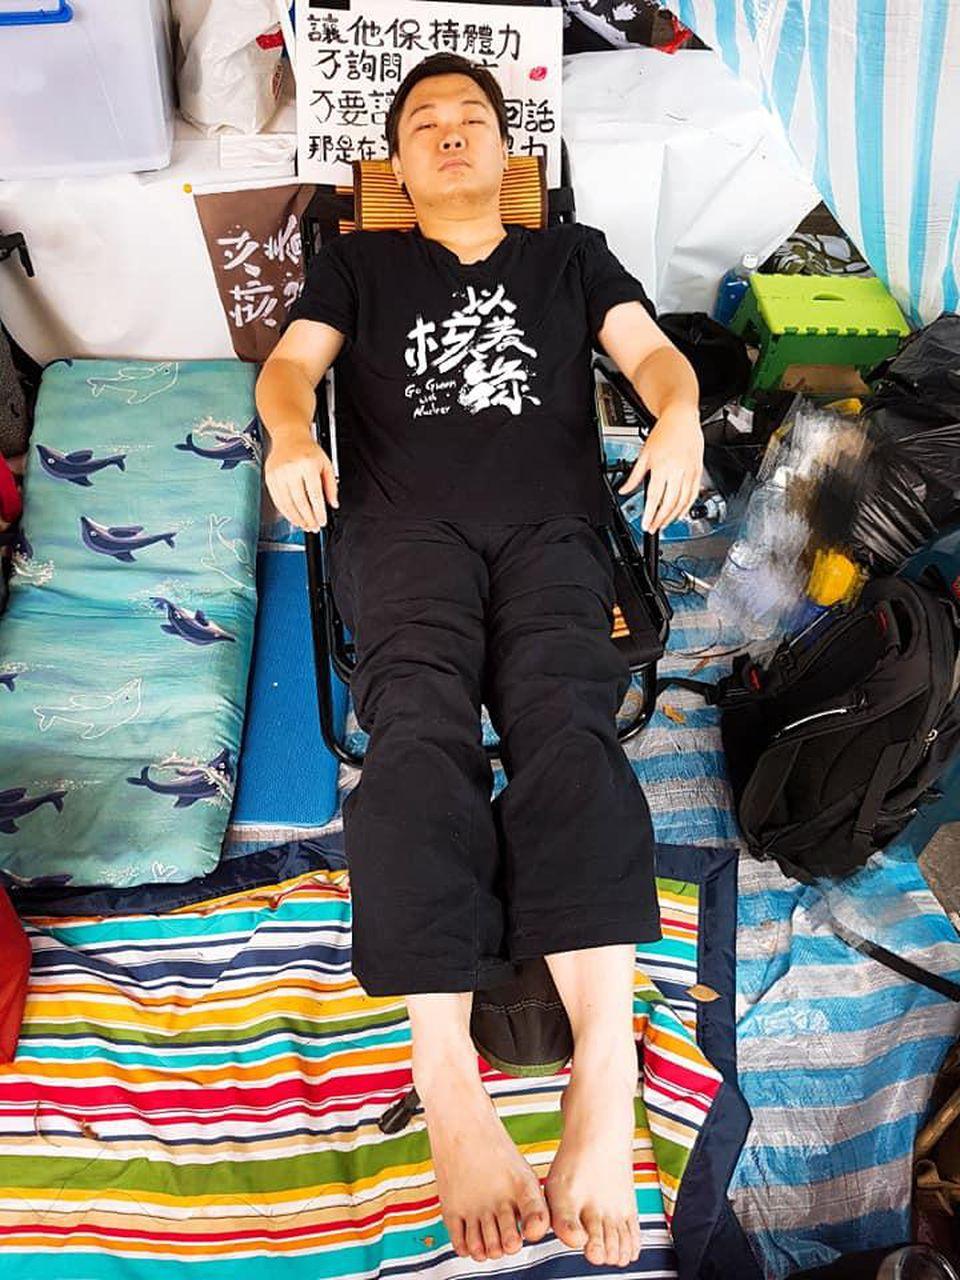 黃士修,一位31歲的民主運動人士,以絕食運動抗議政府違反選罷法。(廖彥朋提供)